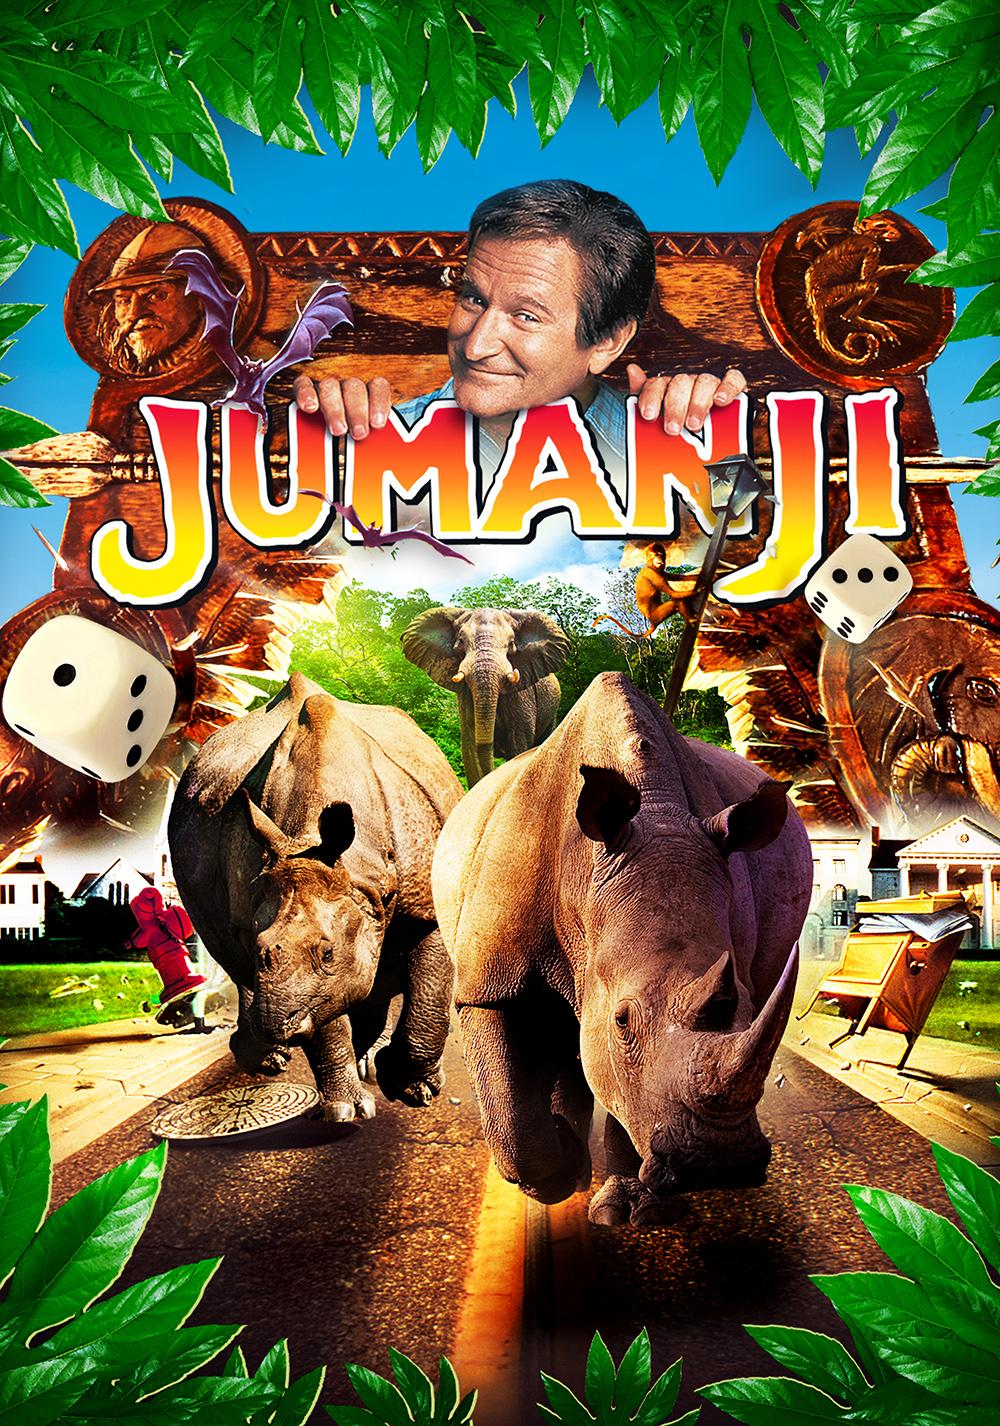 Jumanji (1995) Poster